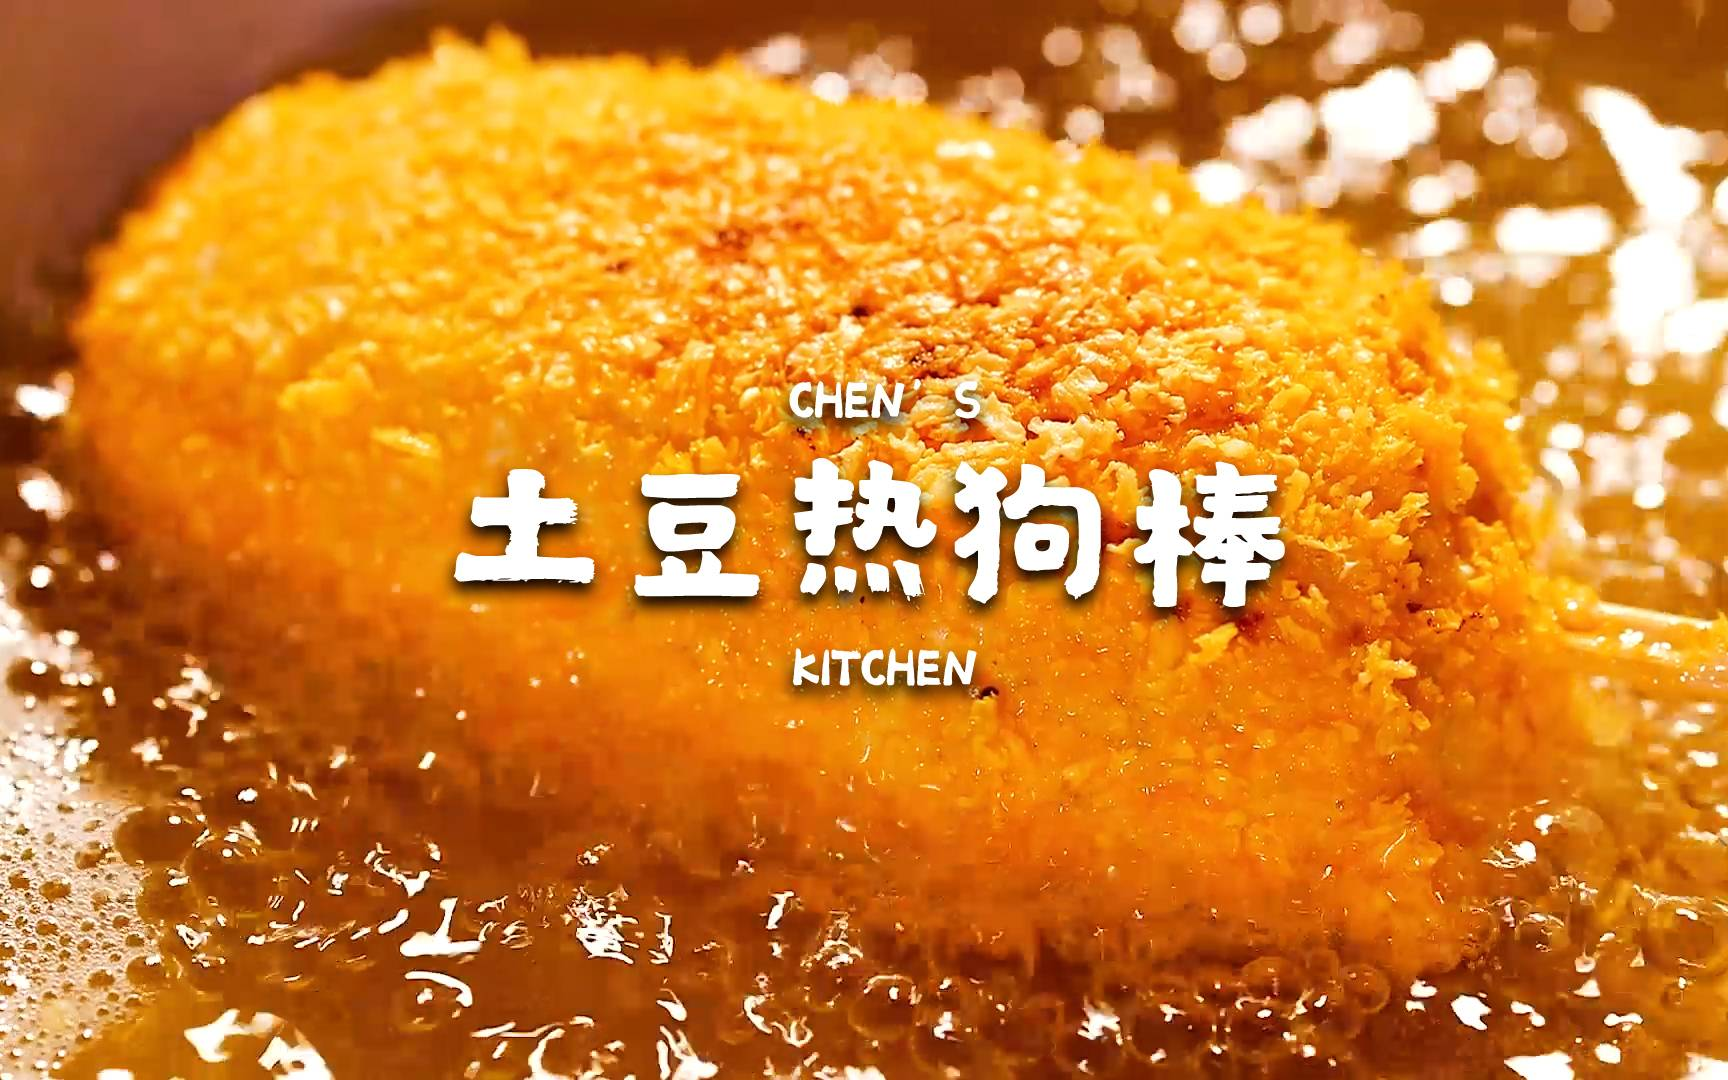 用土豆来做热狗棒,美味又饱腹